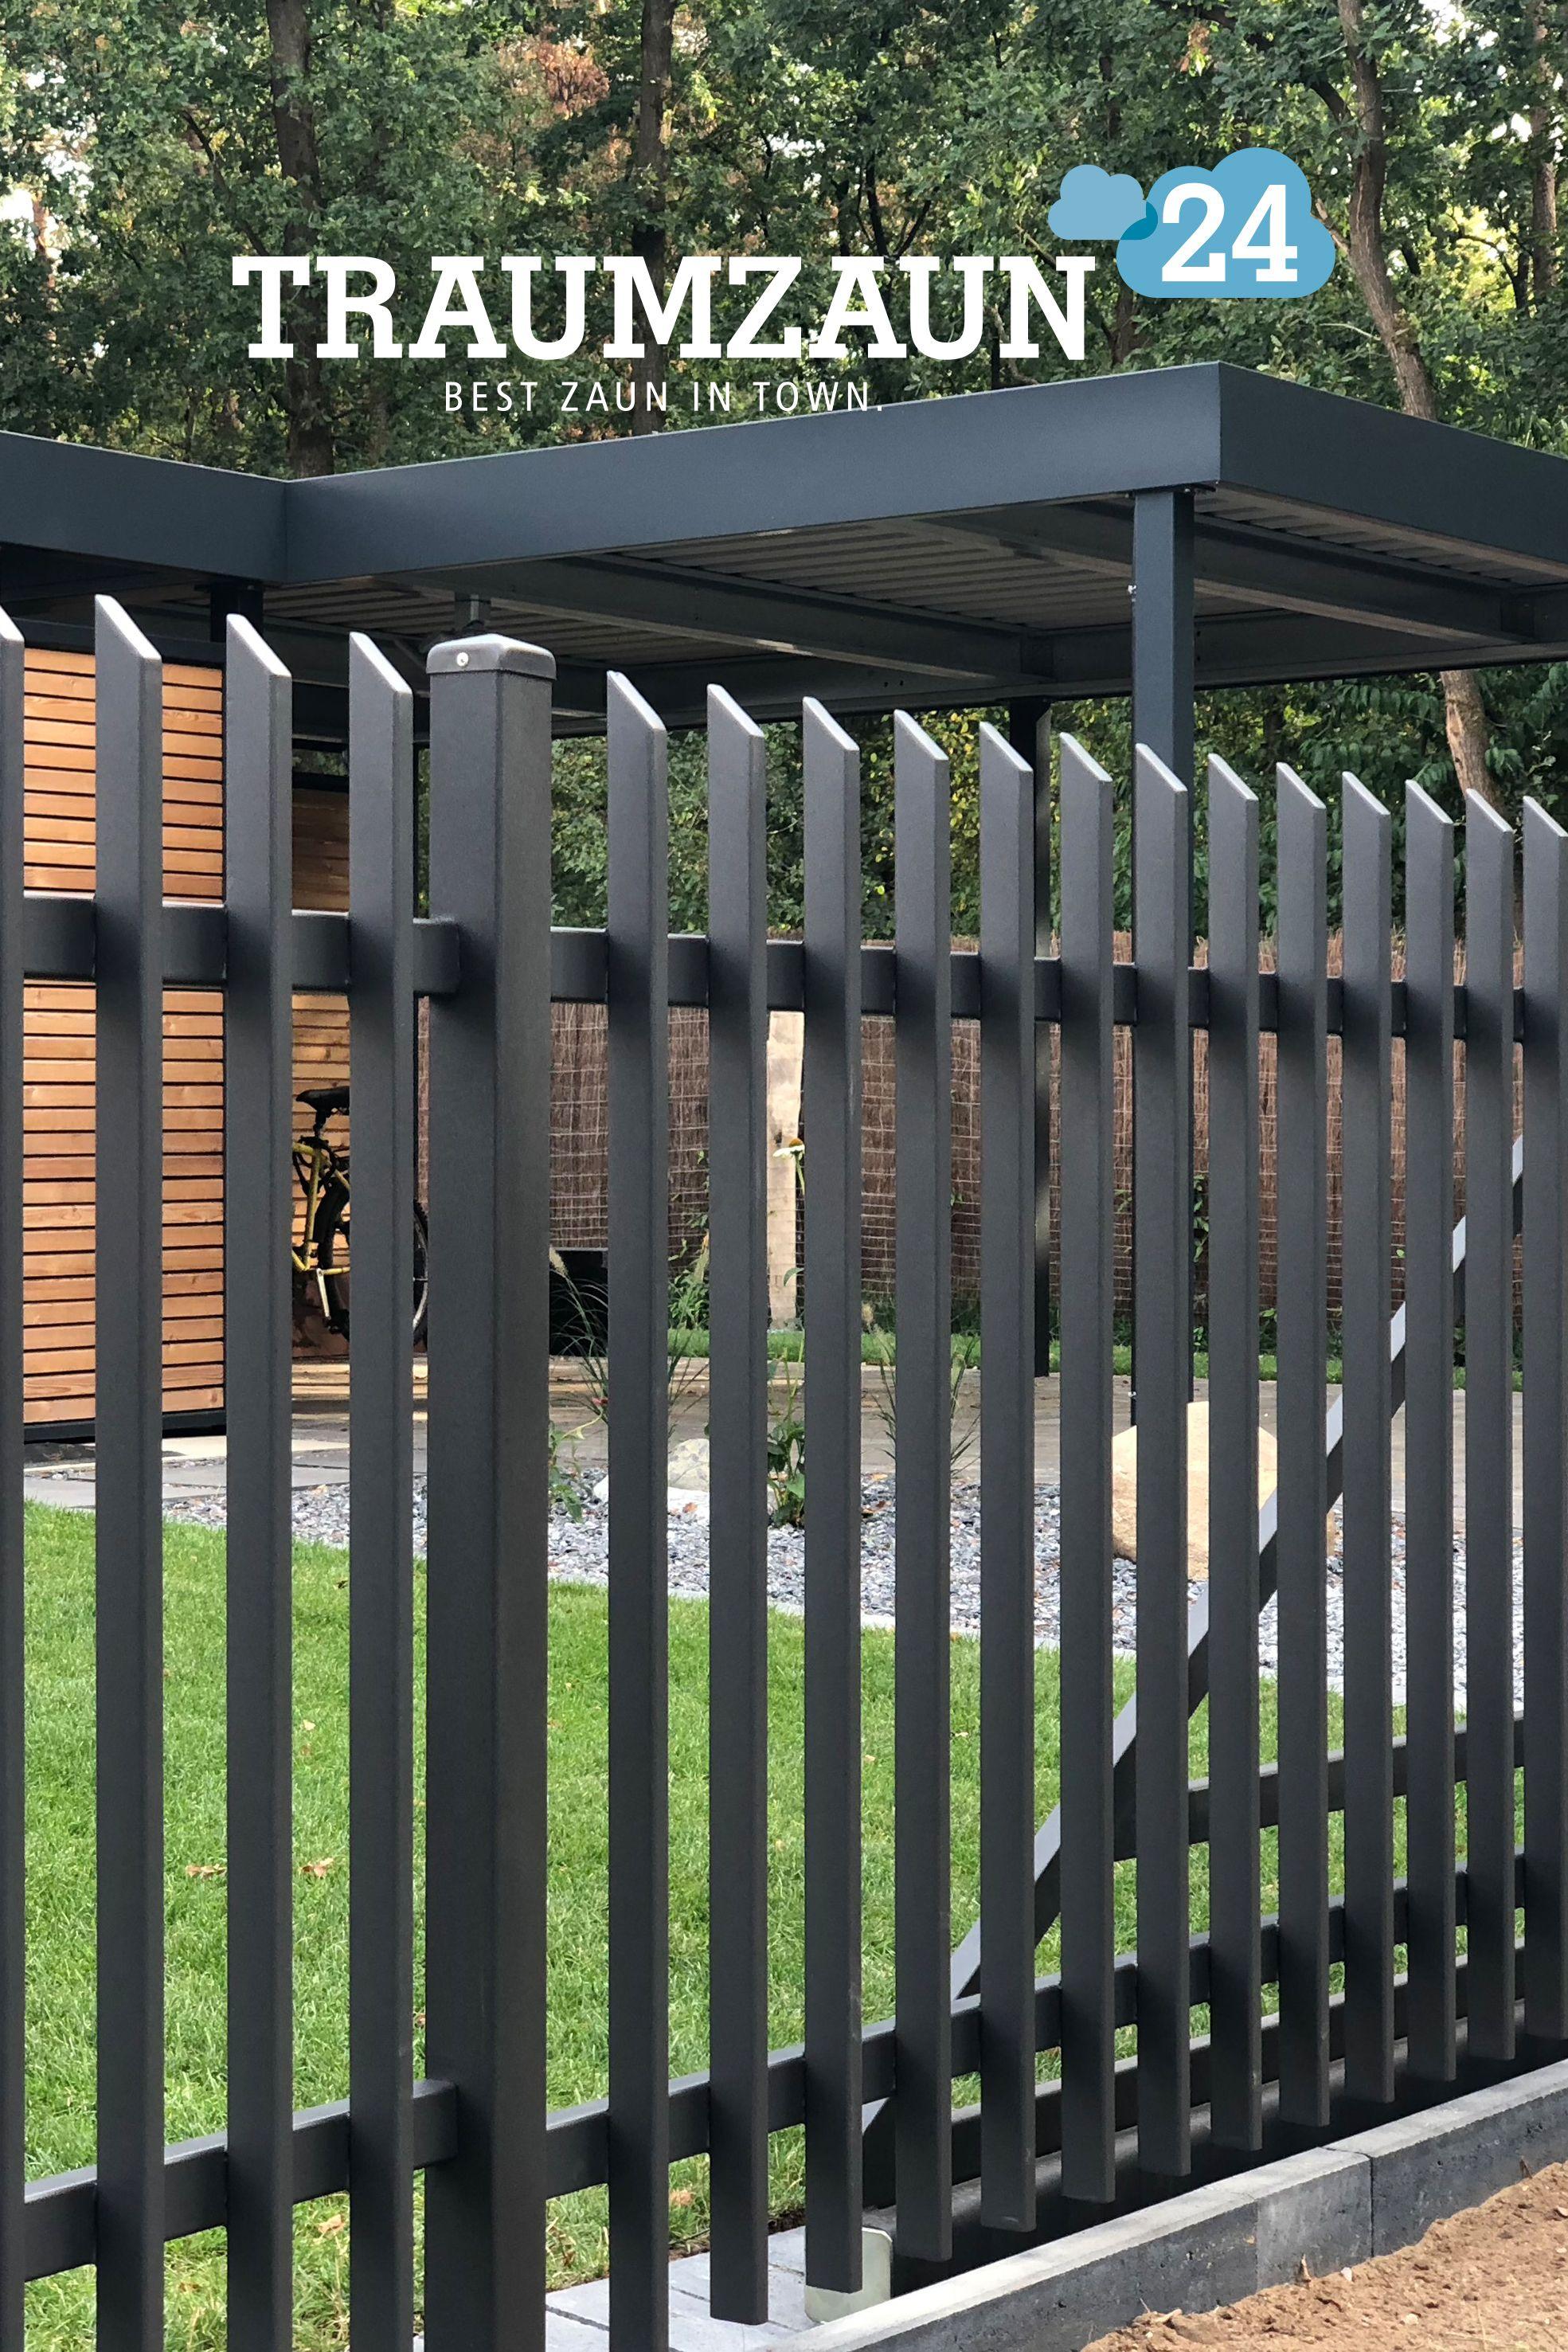 Garantierte Qualitat Denn Auf Den Zaun Acheron Geben Wir 10 Jahre Garantie Gegen Rost Nach Traumzaun24 Standard Zaun Gartenzaun Metall Gartenzaun